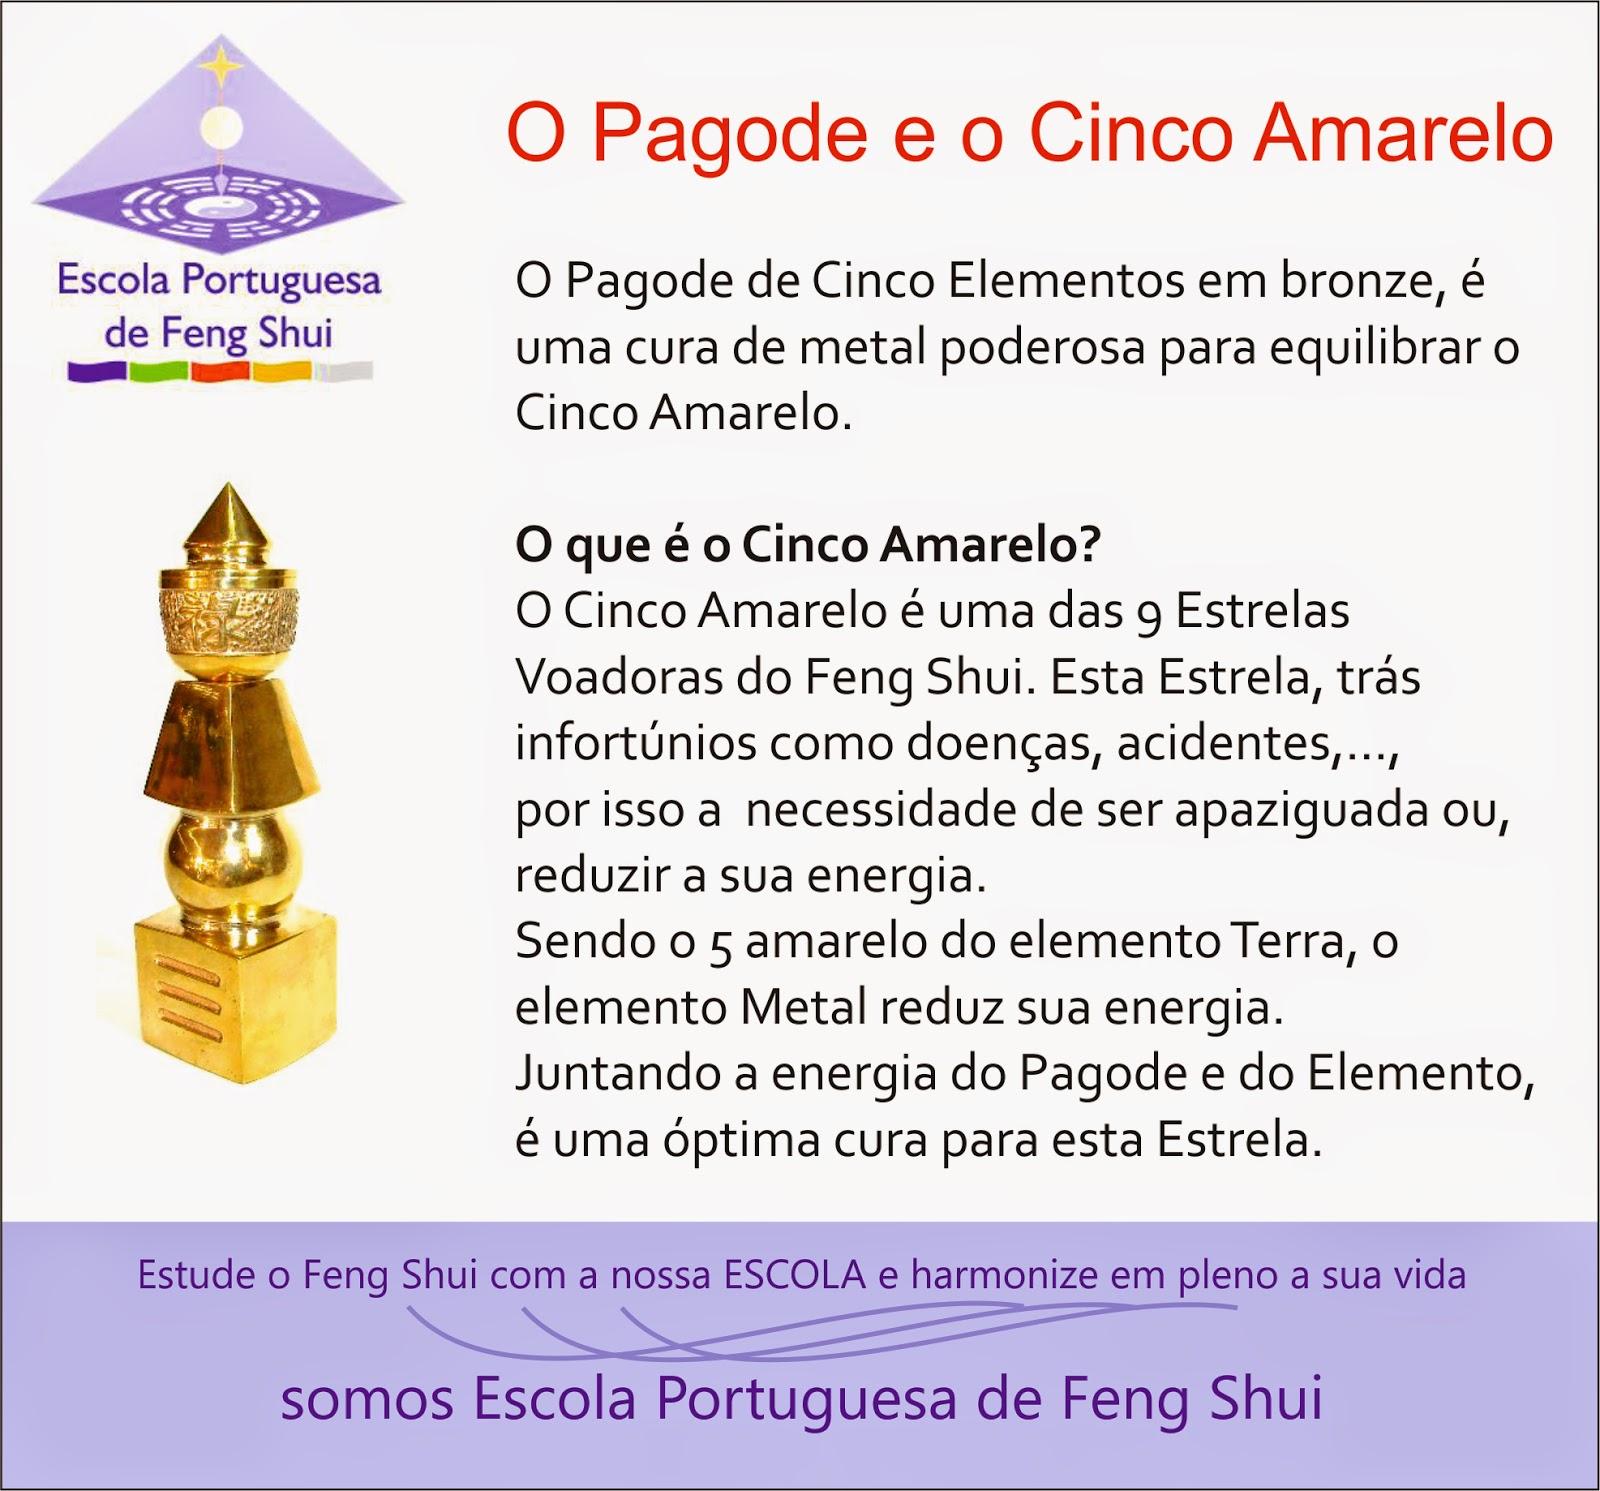 PAGODE E O CINCO AMARELO #BC8E0F 1600x1491 Banheiro Amarelo Feng Shui